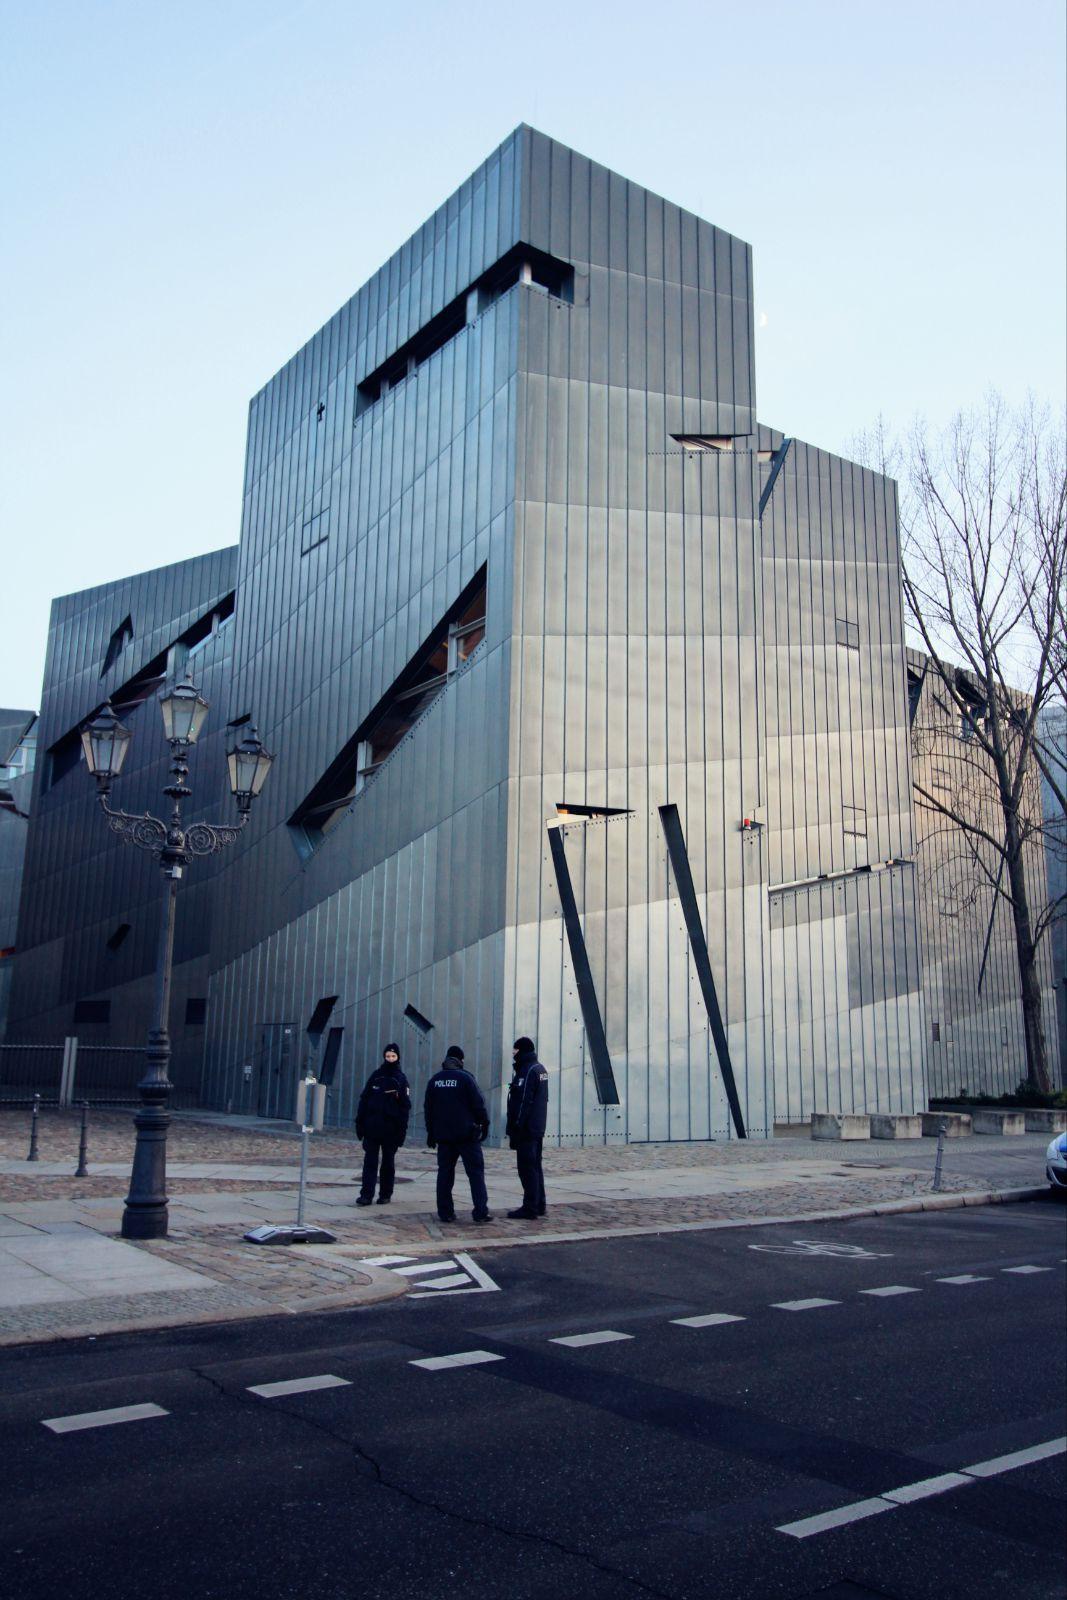 博物馆必须从隔壁的德国历史博物馆出入,这也象征了德国和犹太人历史